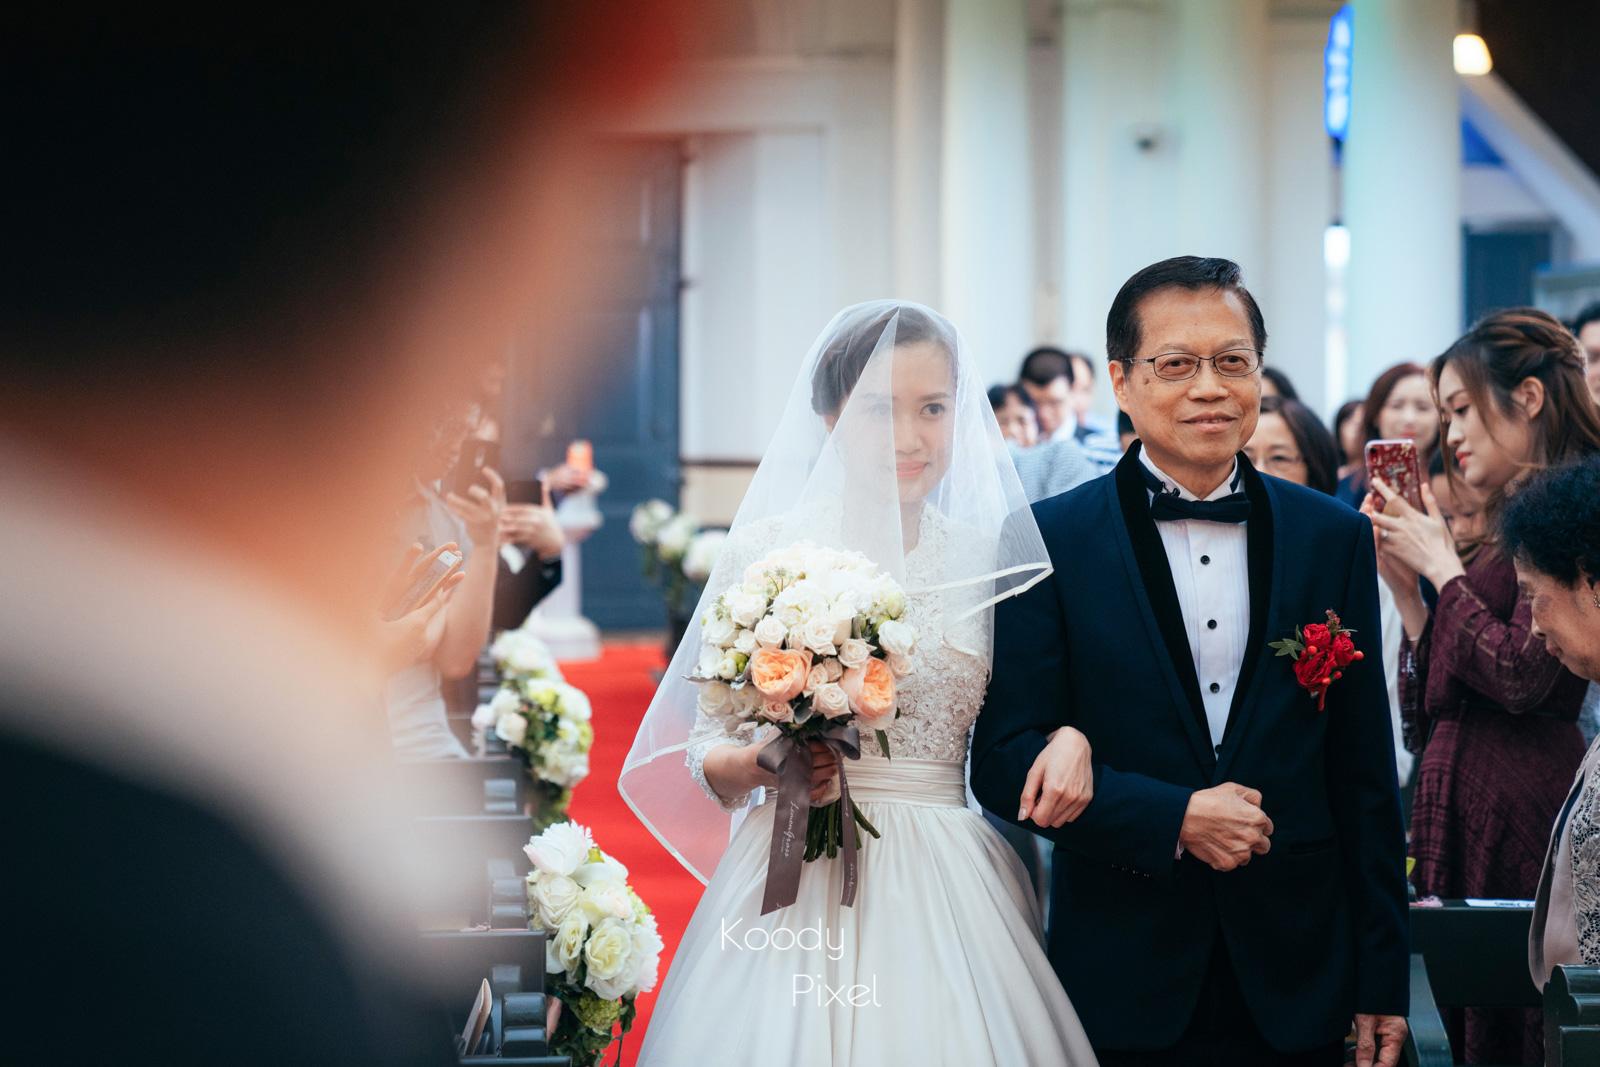 爸爸跟女兒走上教堂的紅地毯,一生最重要的一段路。